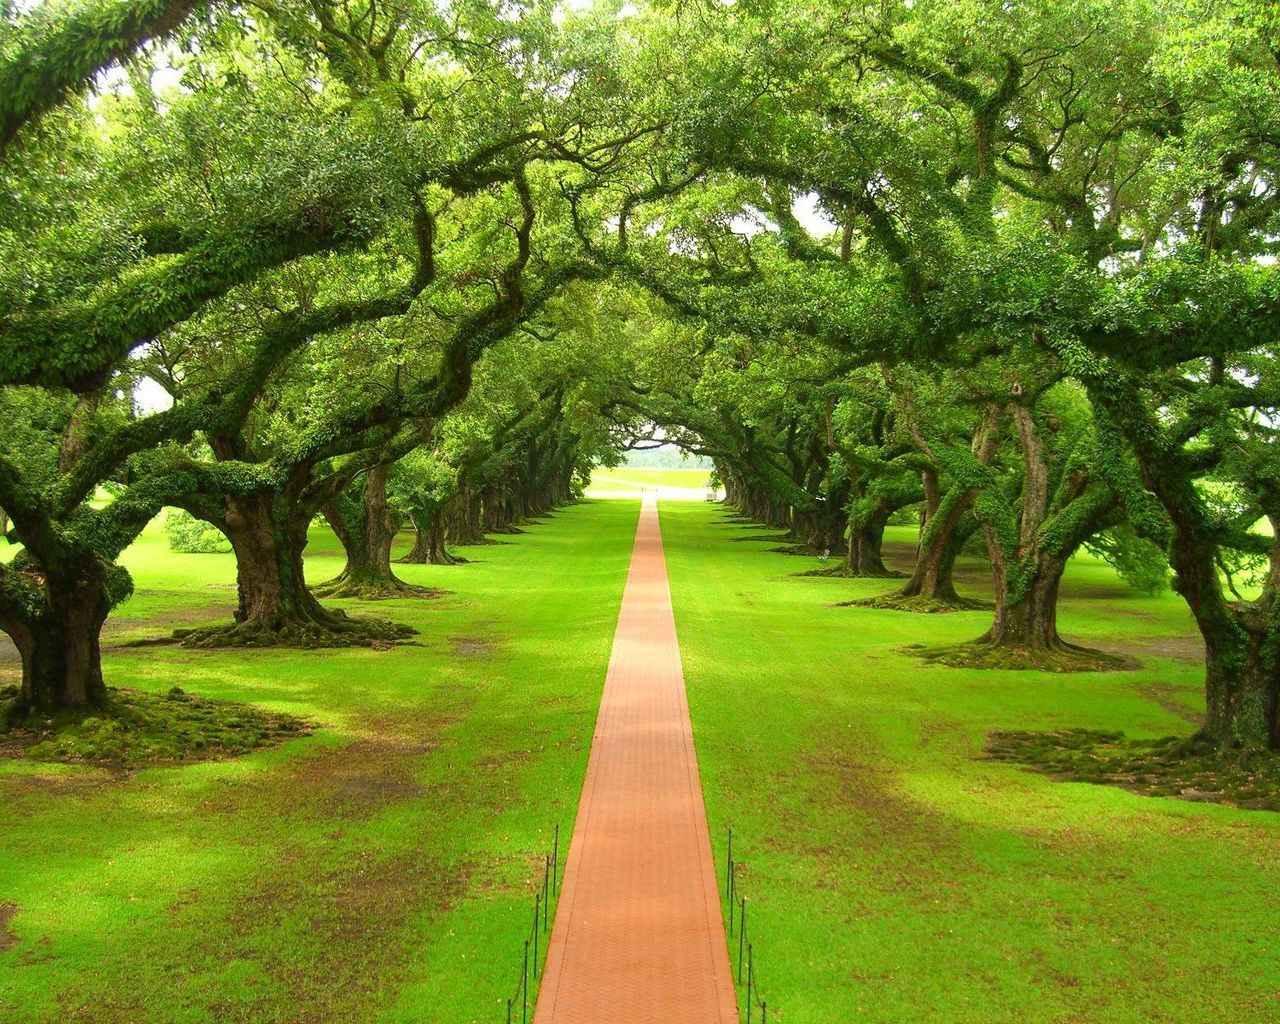 ровная тропинка среди деревьев, лес, скачать фото